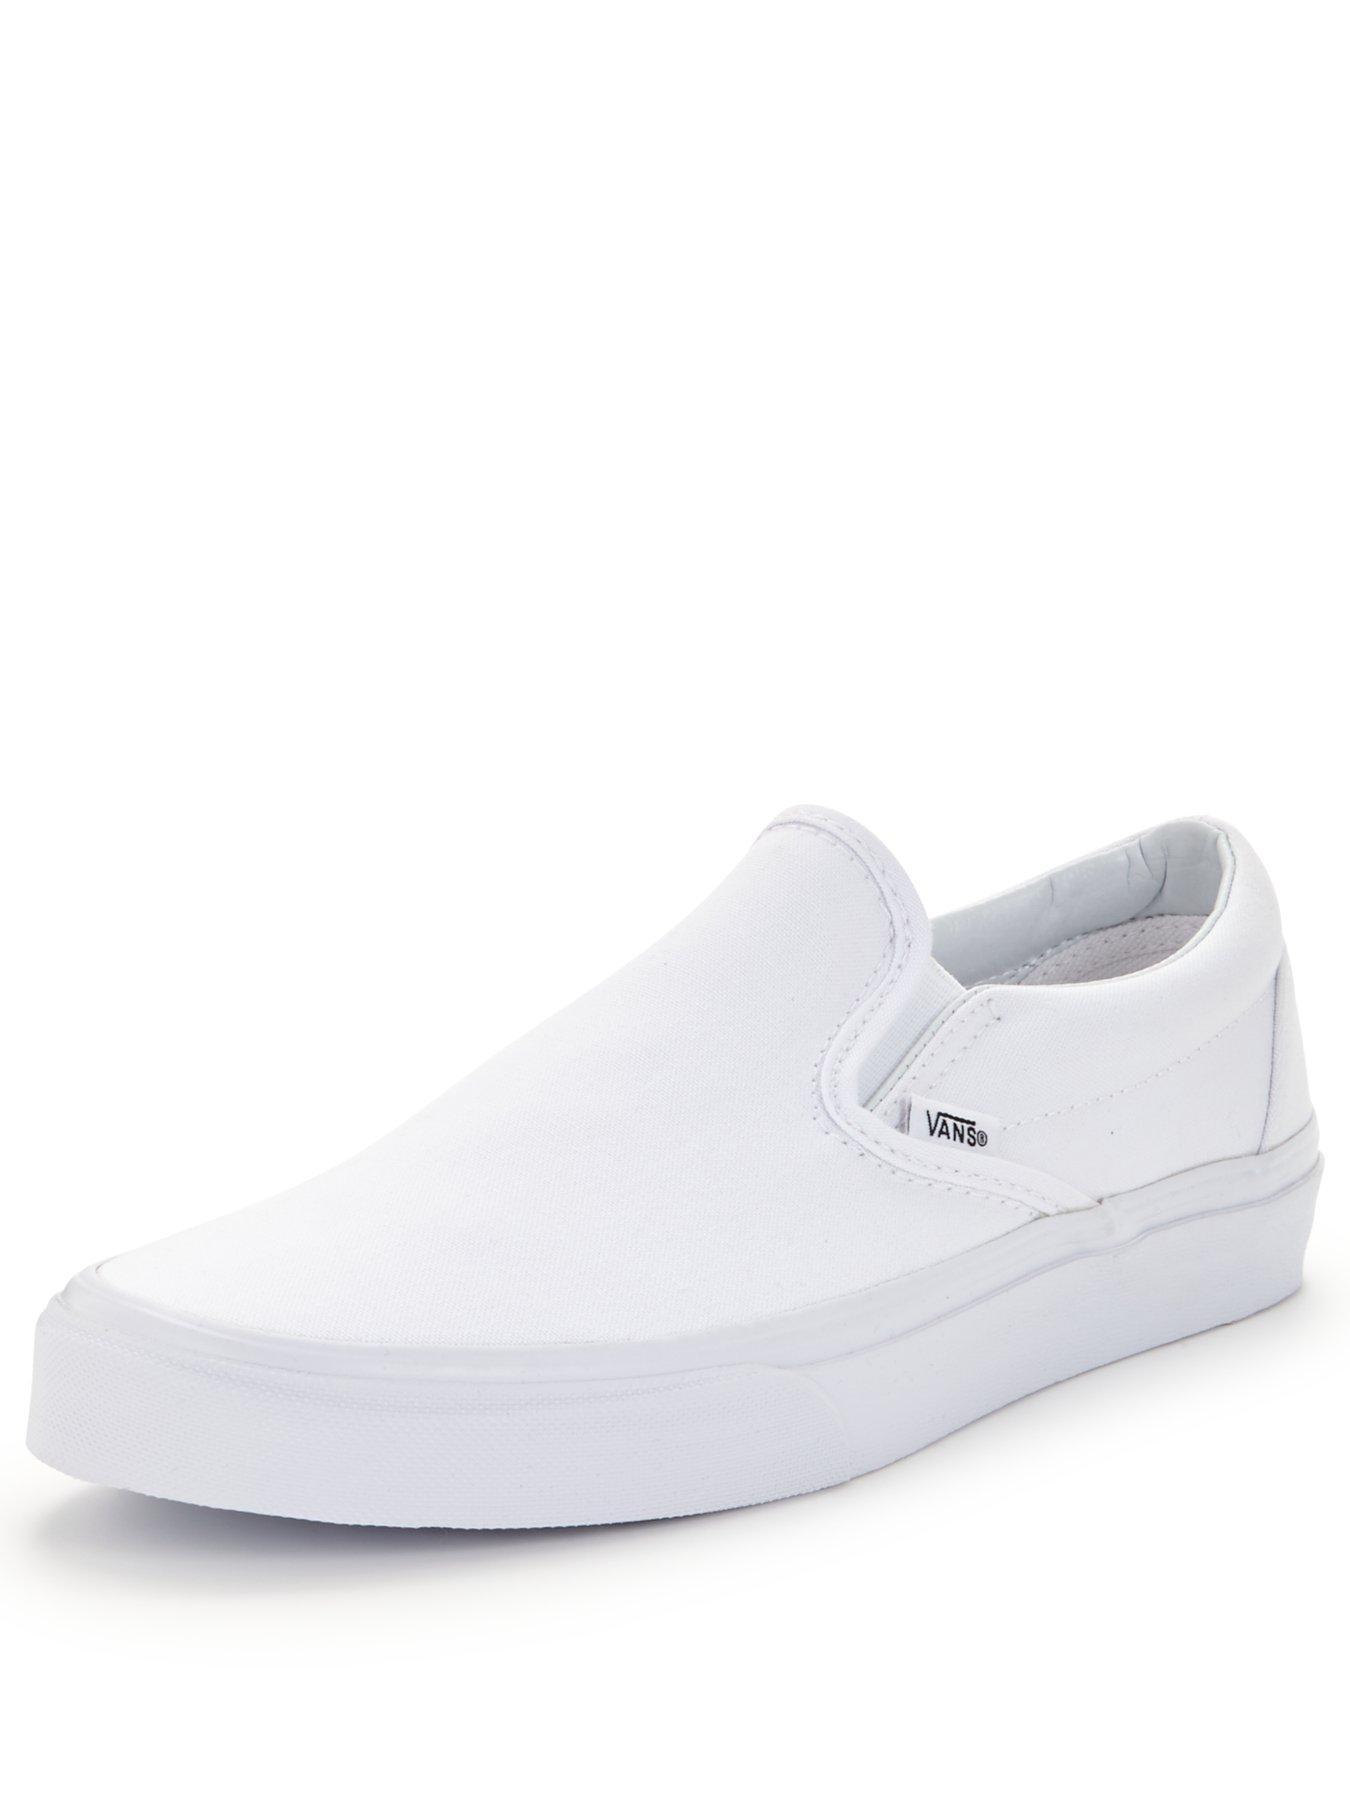 white slip on vans cheap